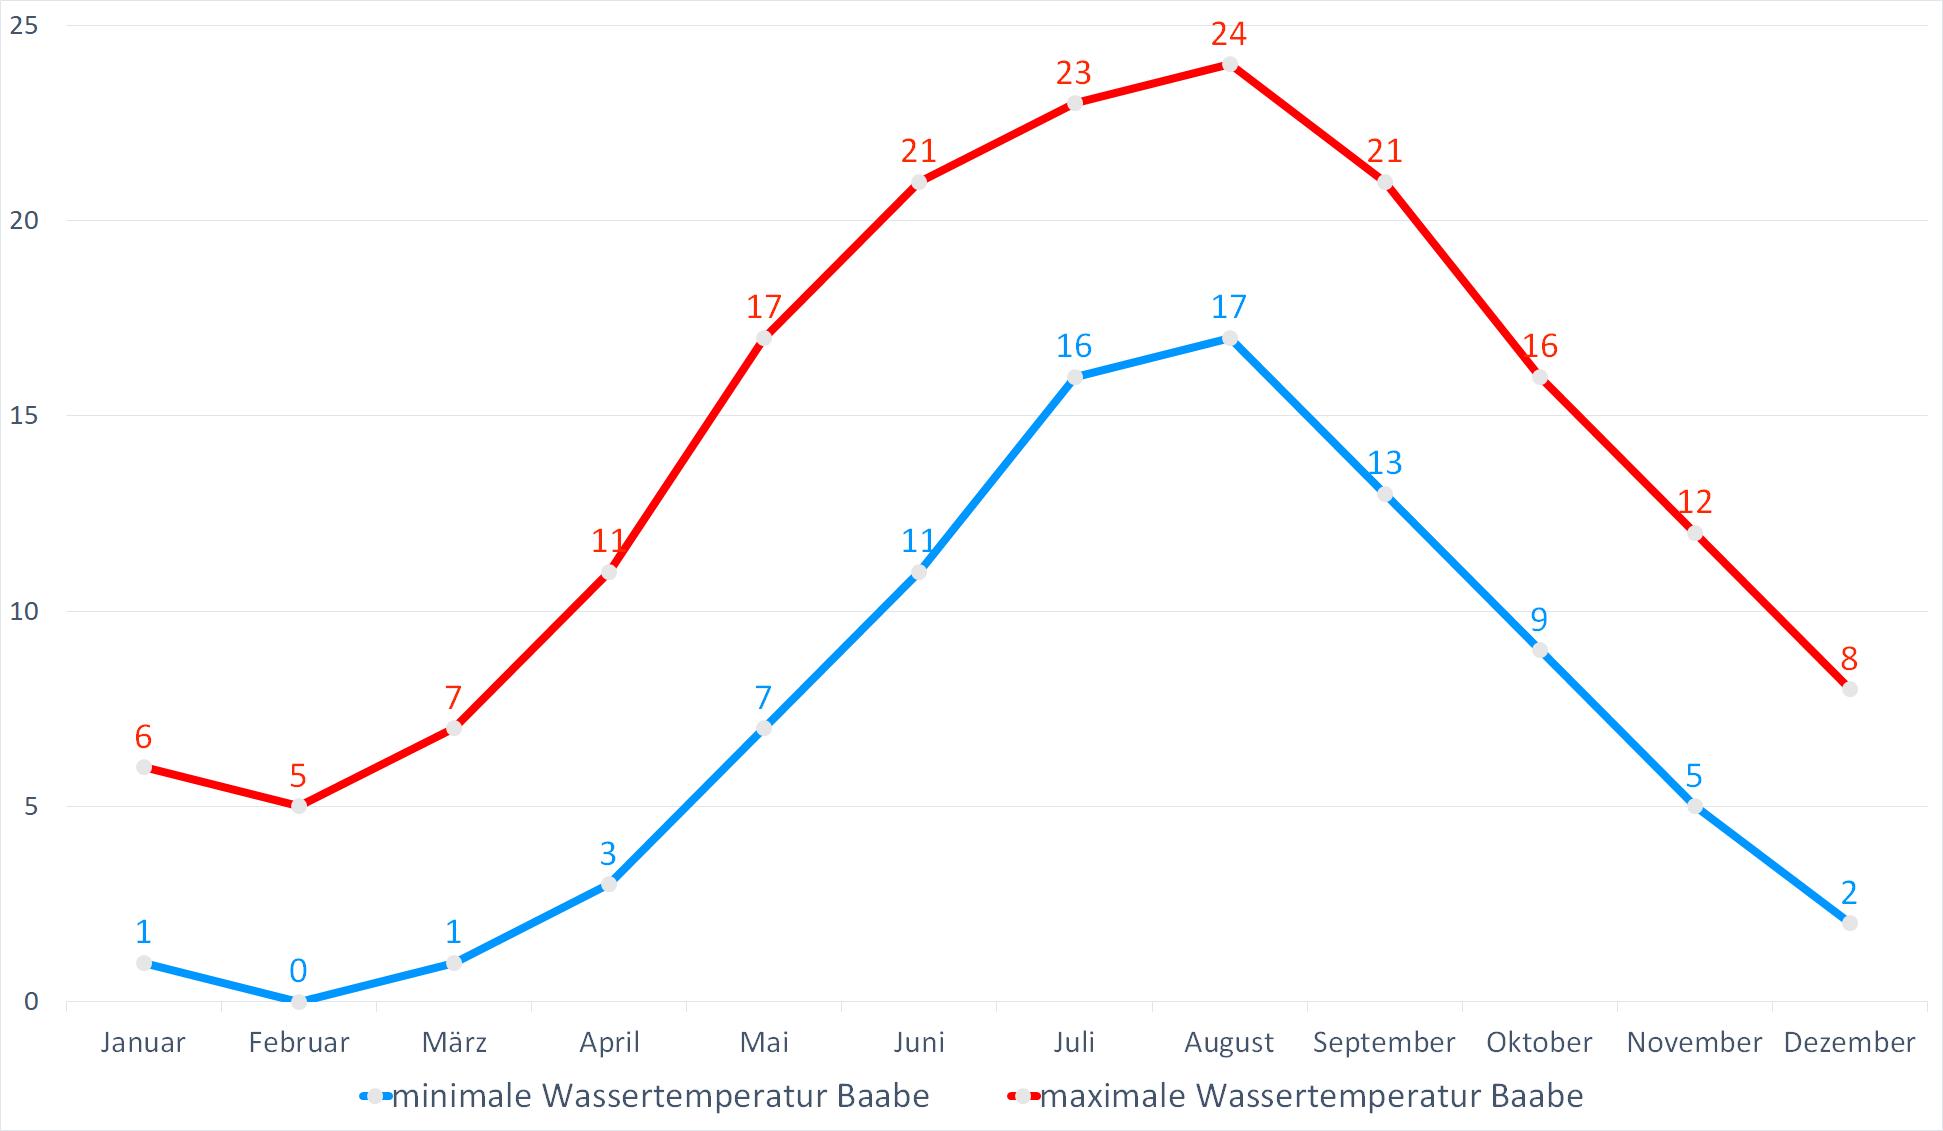 Minimale & Maximale Wassertemperaturen für Baabe im Jahresverlauf